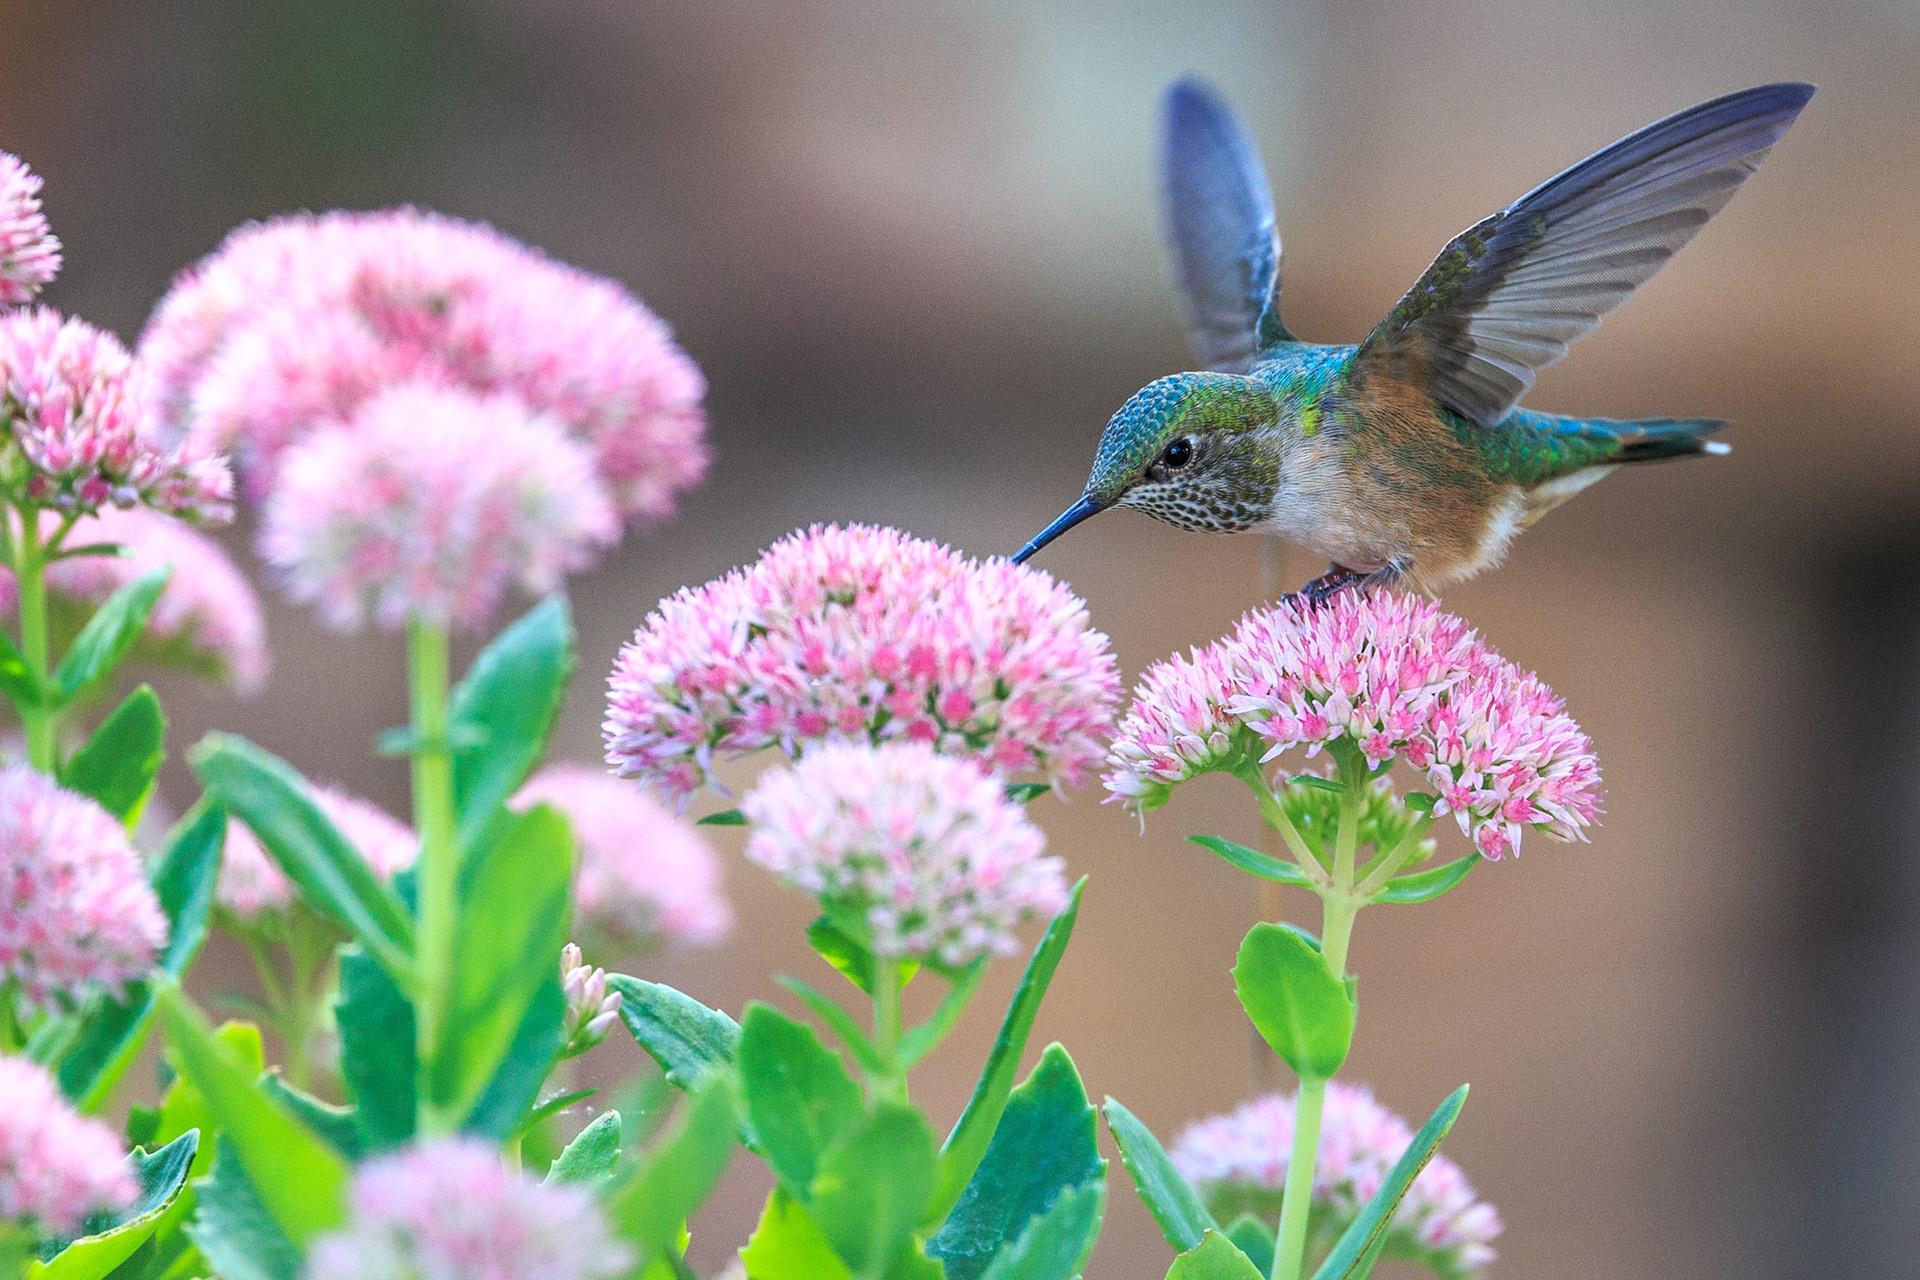 Hình nền chim hút mật đẹp